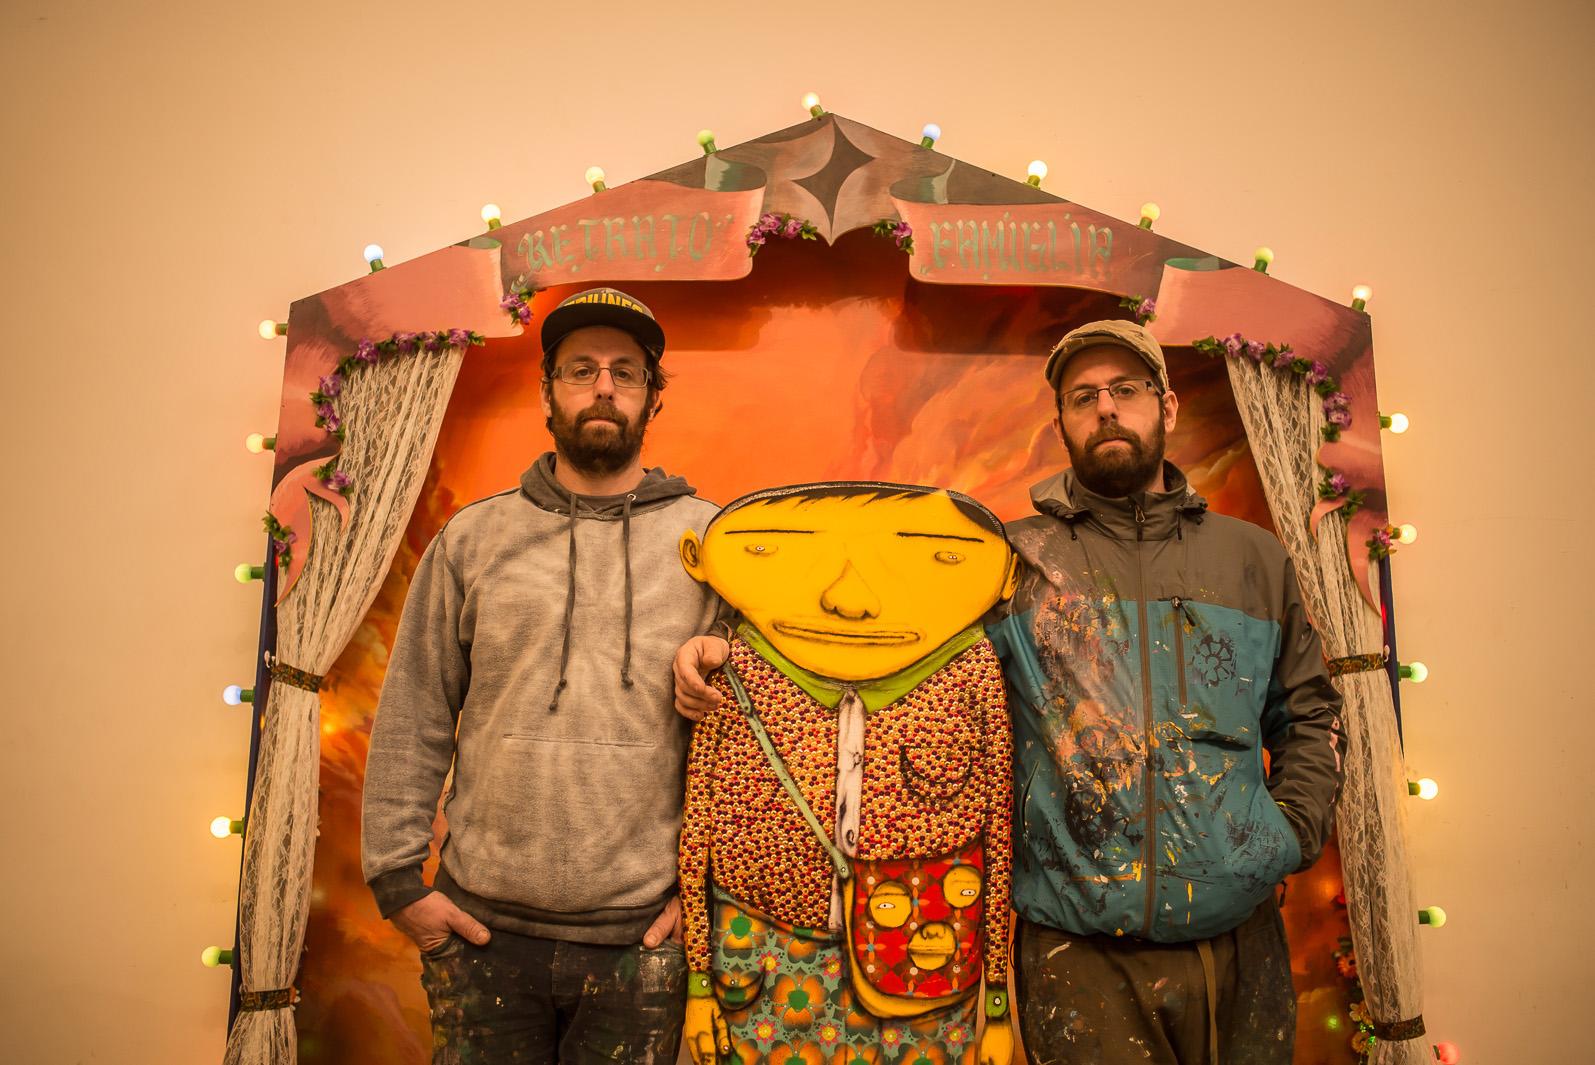 Gustavo e Otávio Pandolfo posam para foto na exposição 'A ópera da Lua' no Galpão Fortes Vilaça.